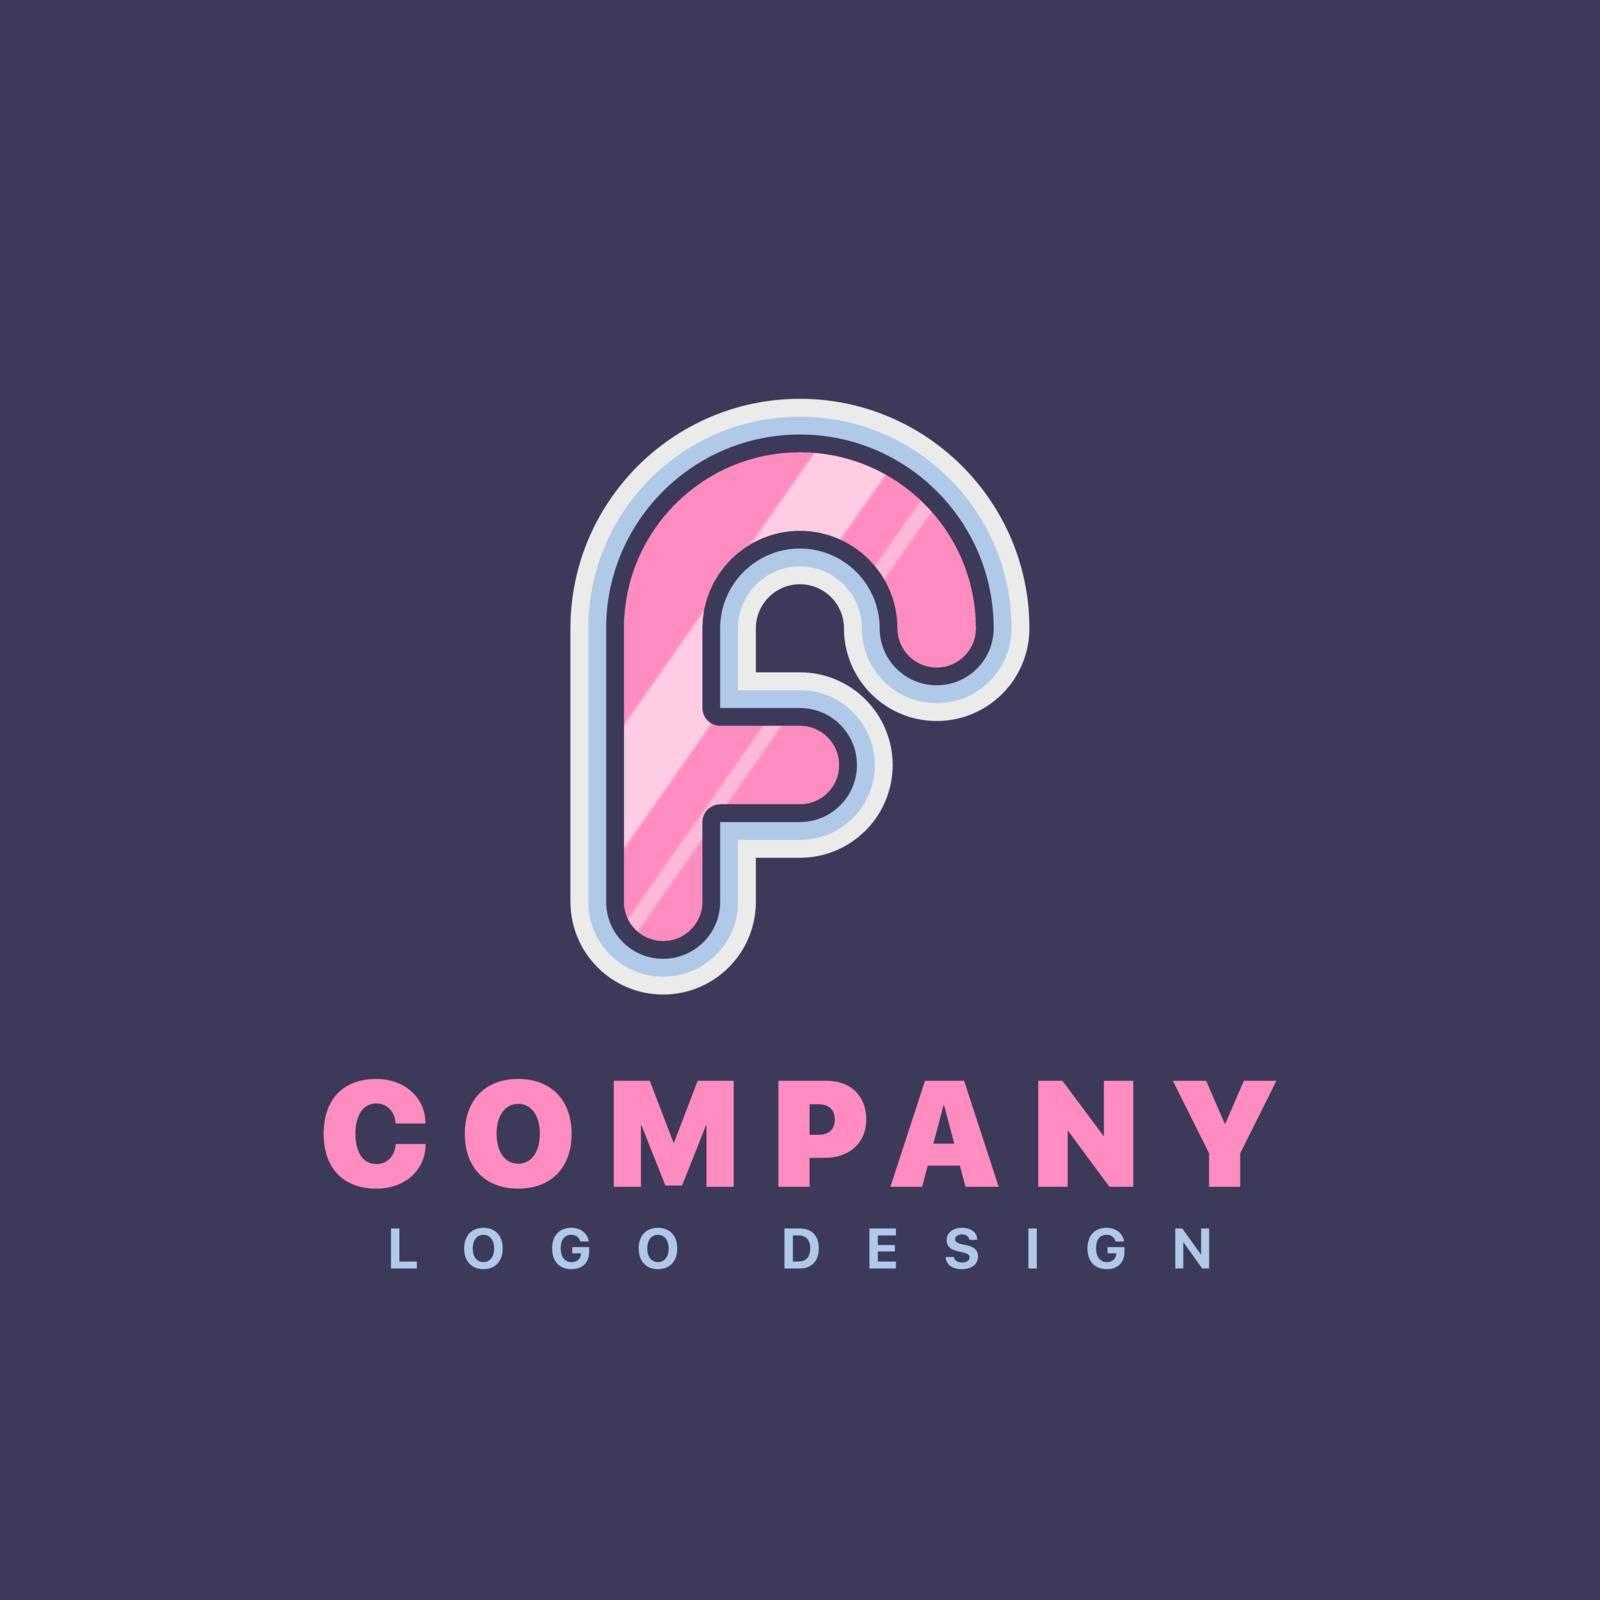 Letter F logo design template. Company logo icon